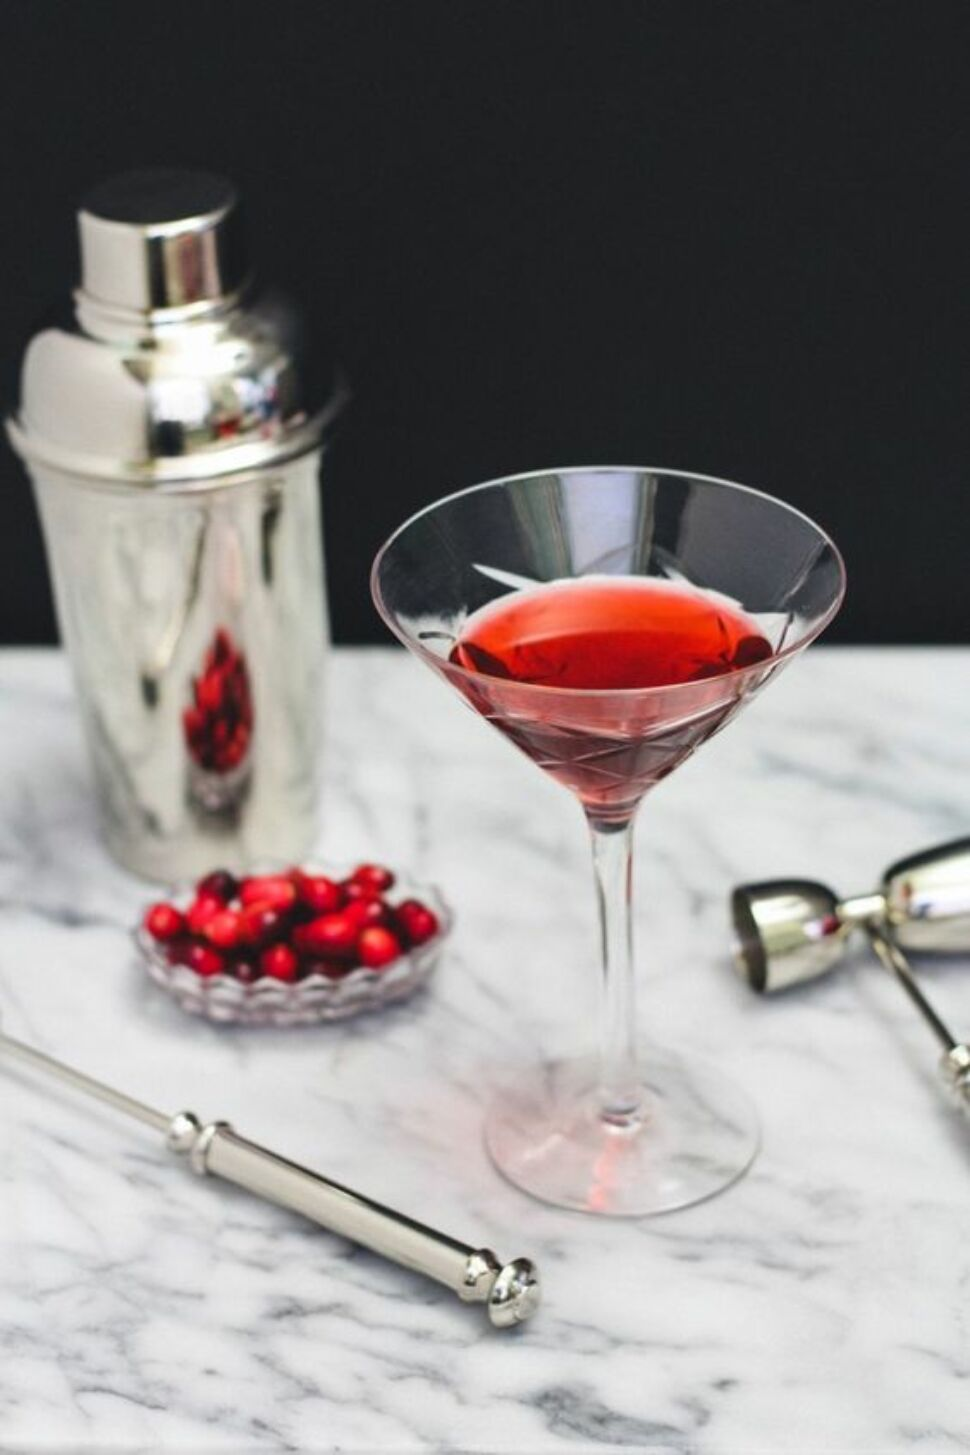 karacsonyi_ajandek_meglepetes_otlet_gin_koktel